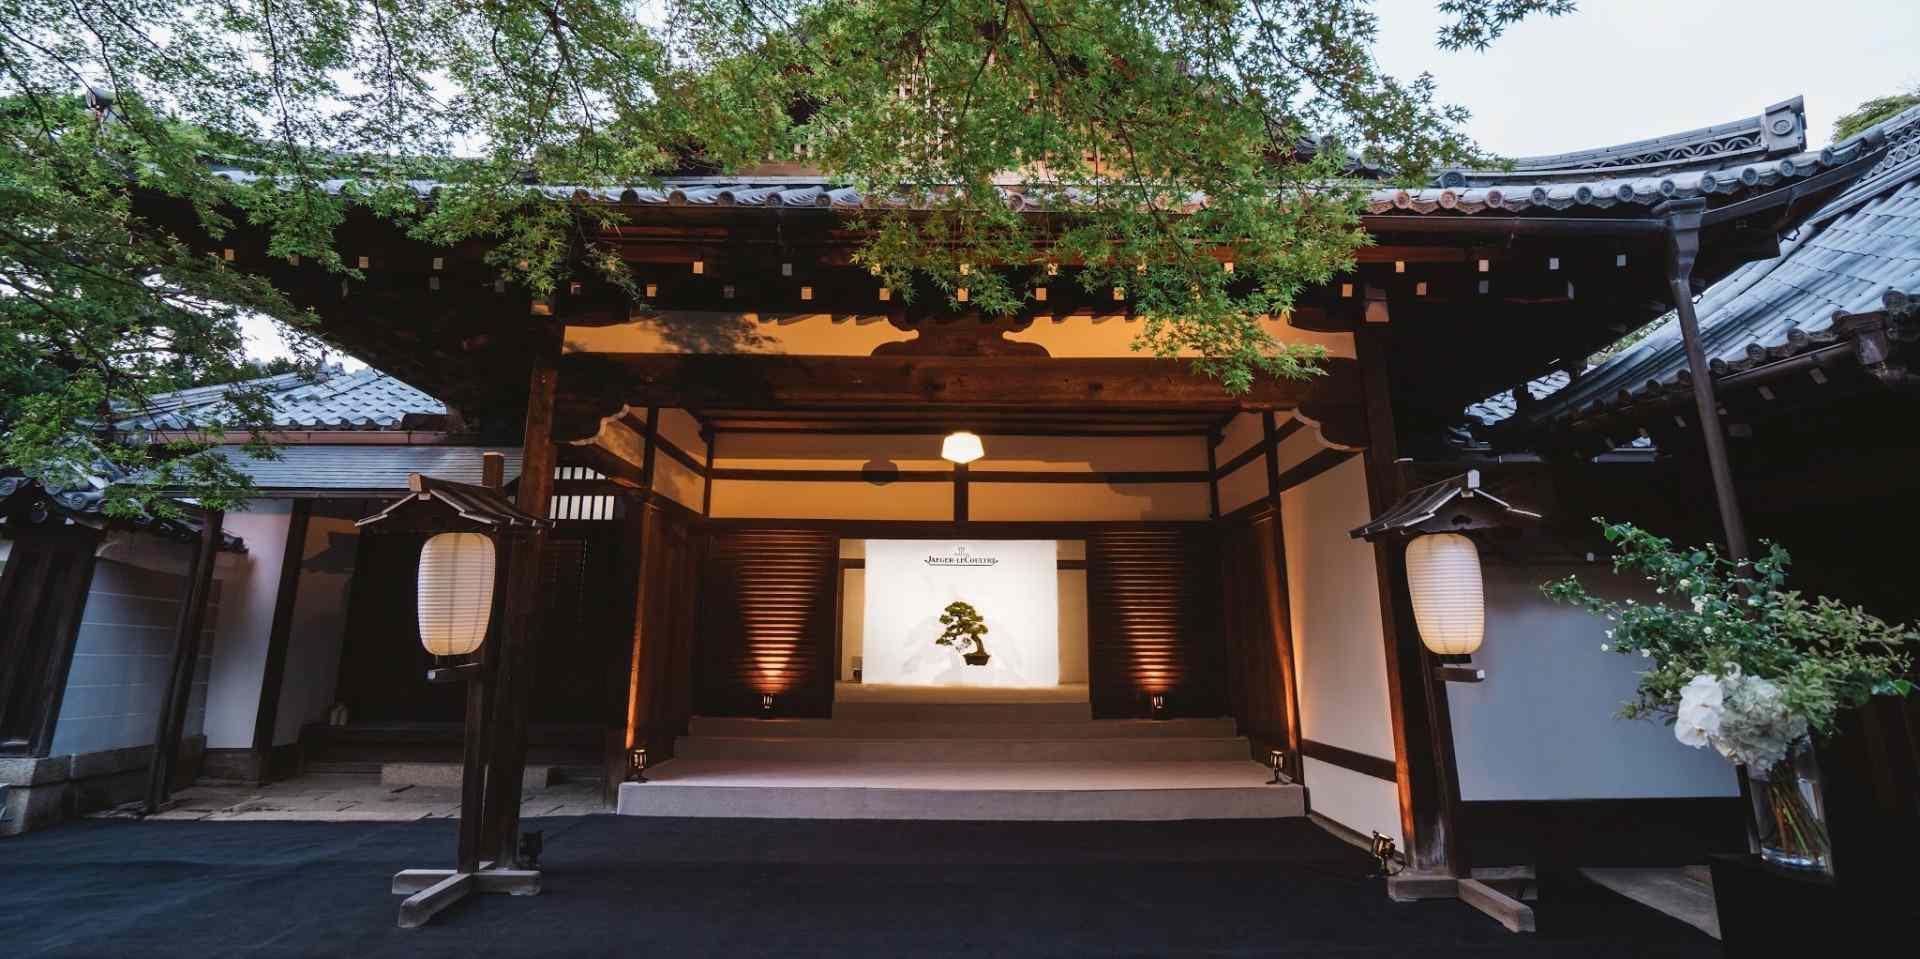 積家於京都舉辦超卓傳統三問大師系列萬年曆腕錶限量版發表會,探索「精妙之芯時間之藝」